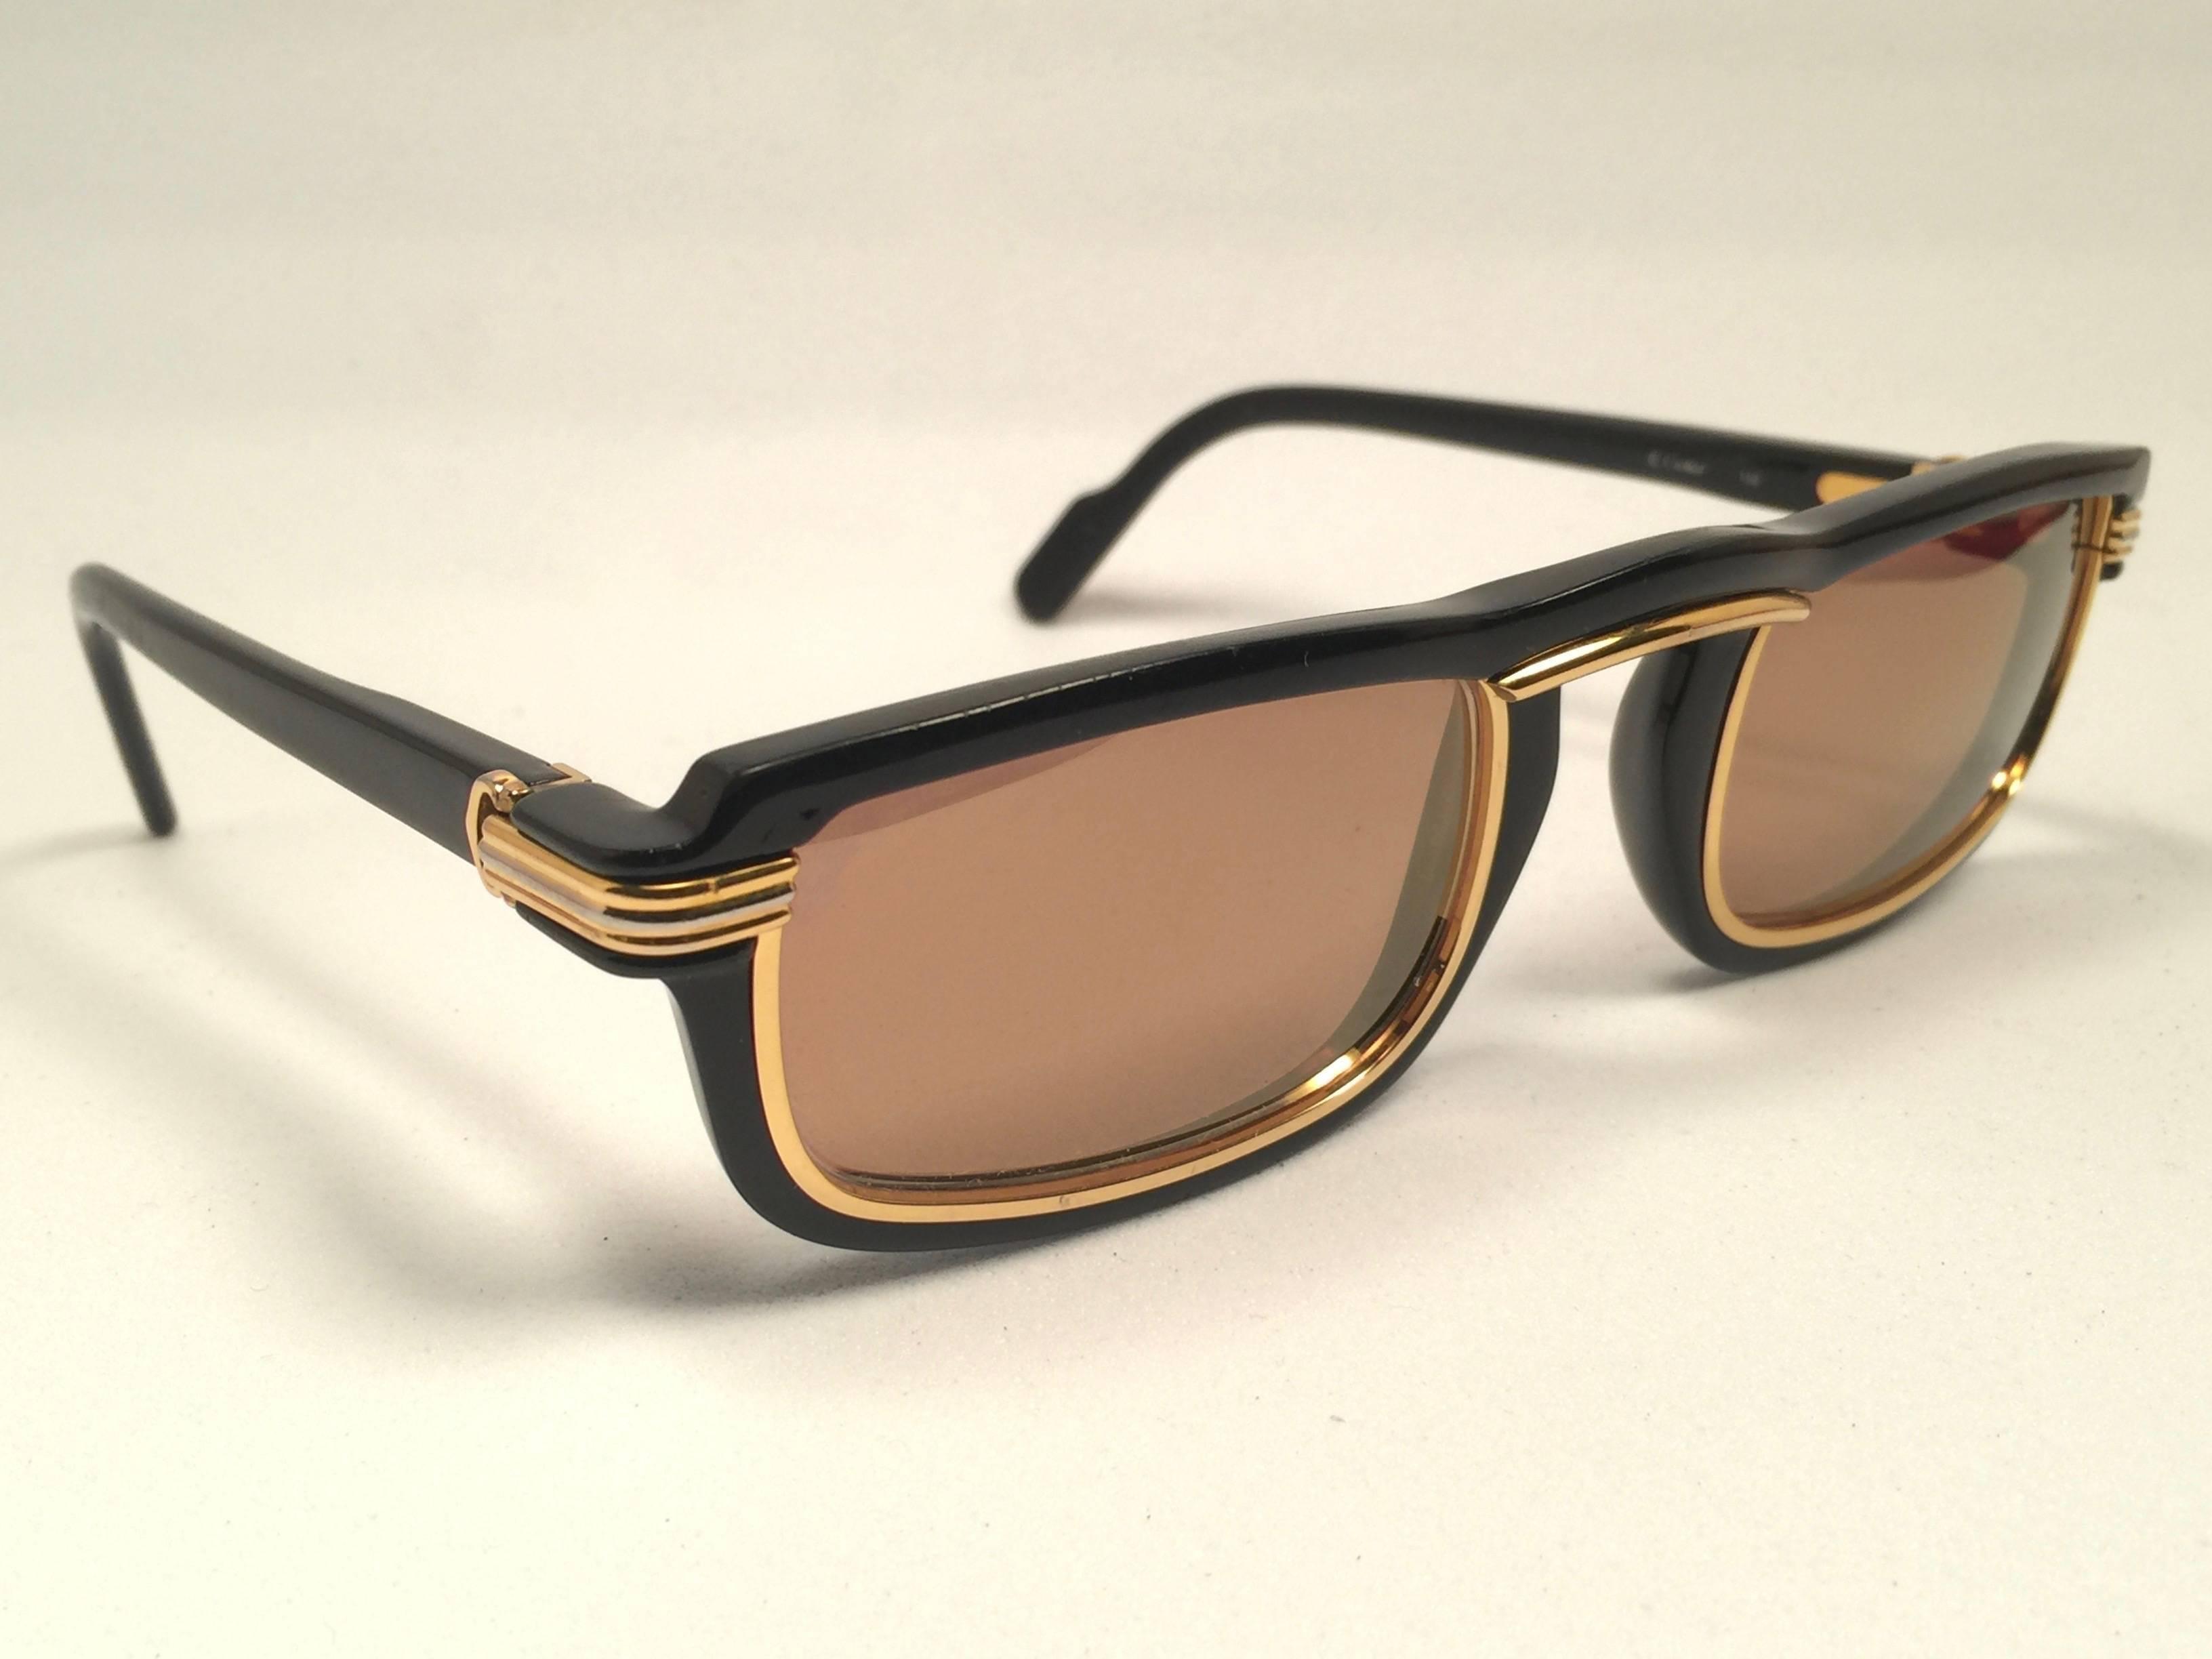 b52f579c73ee New Cartier Vertigo Gold and Black 52MM Sunglasses France